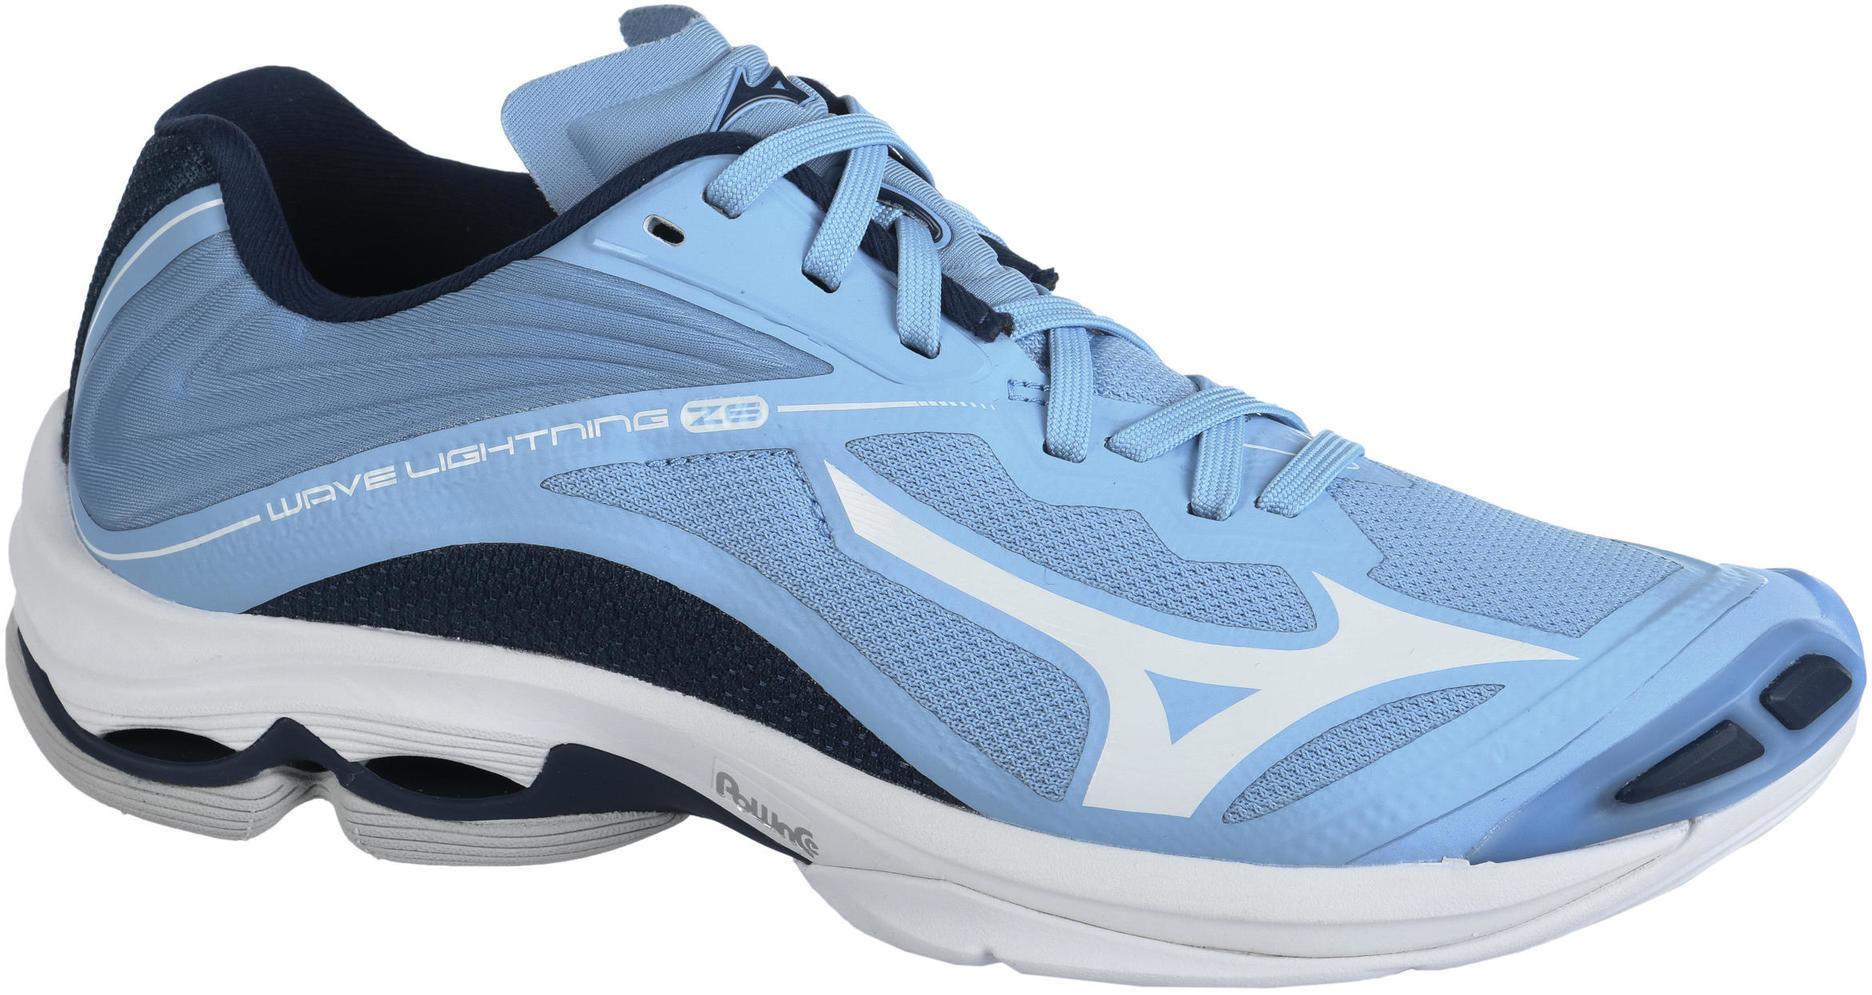 Buty do siatkówki damskie Mizuno Lightning Z6